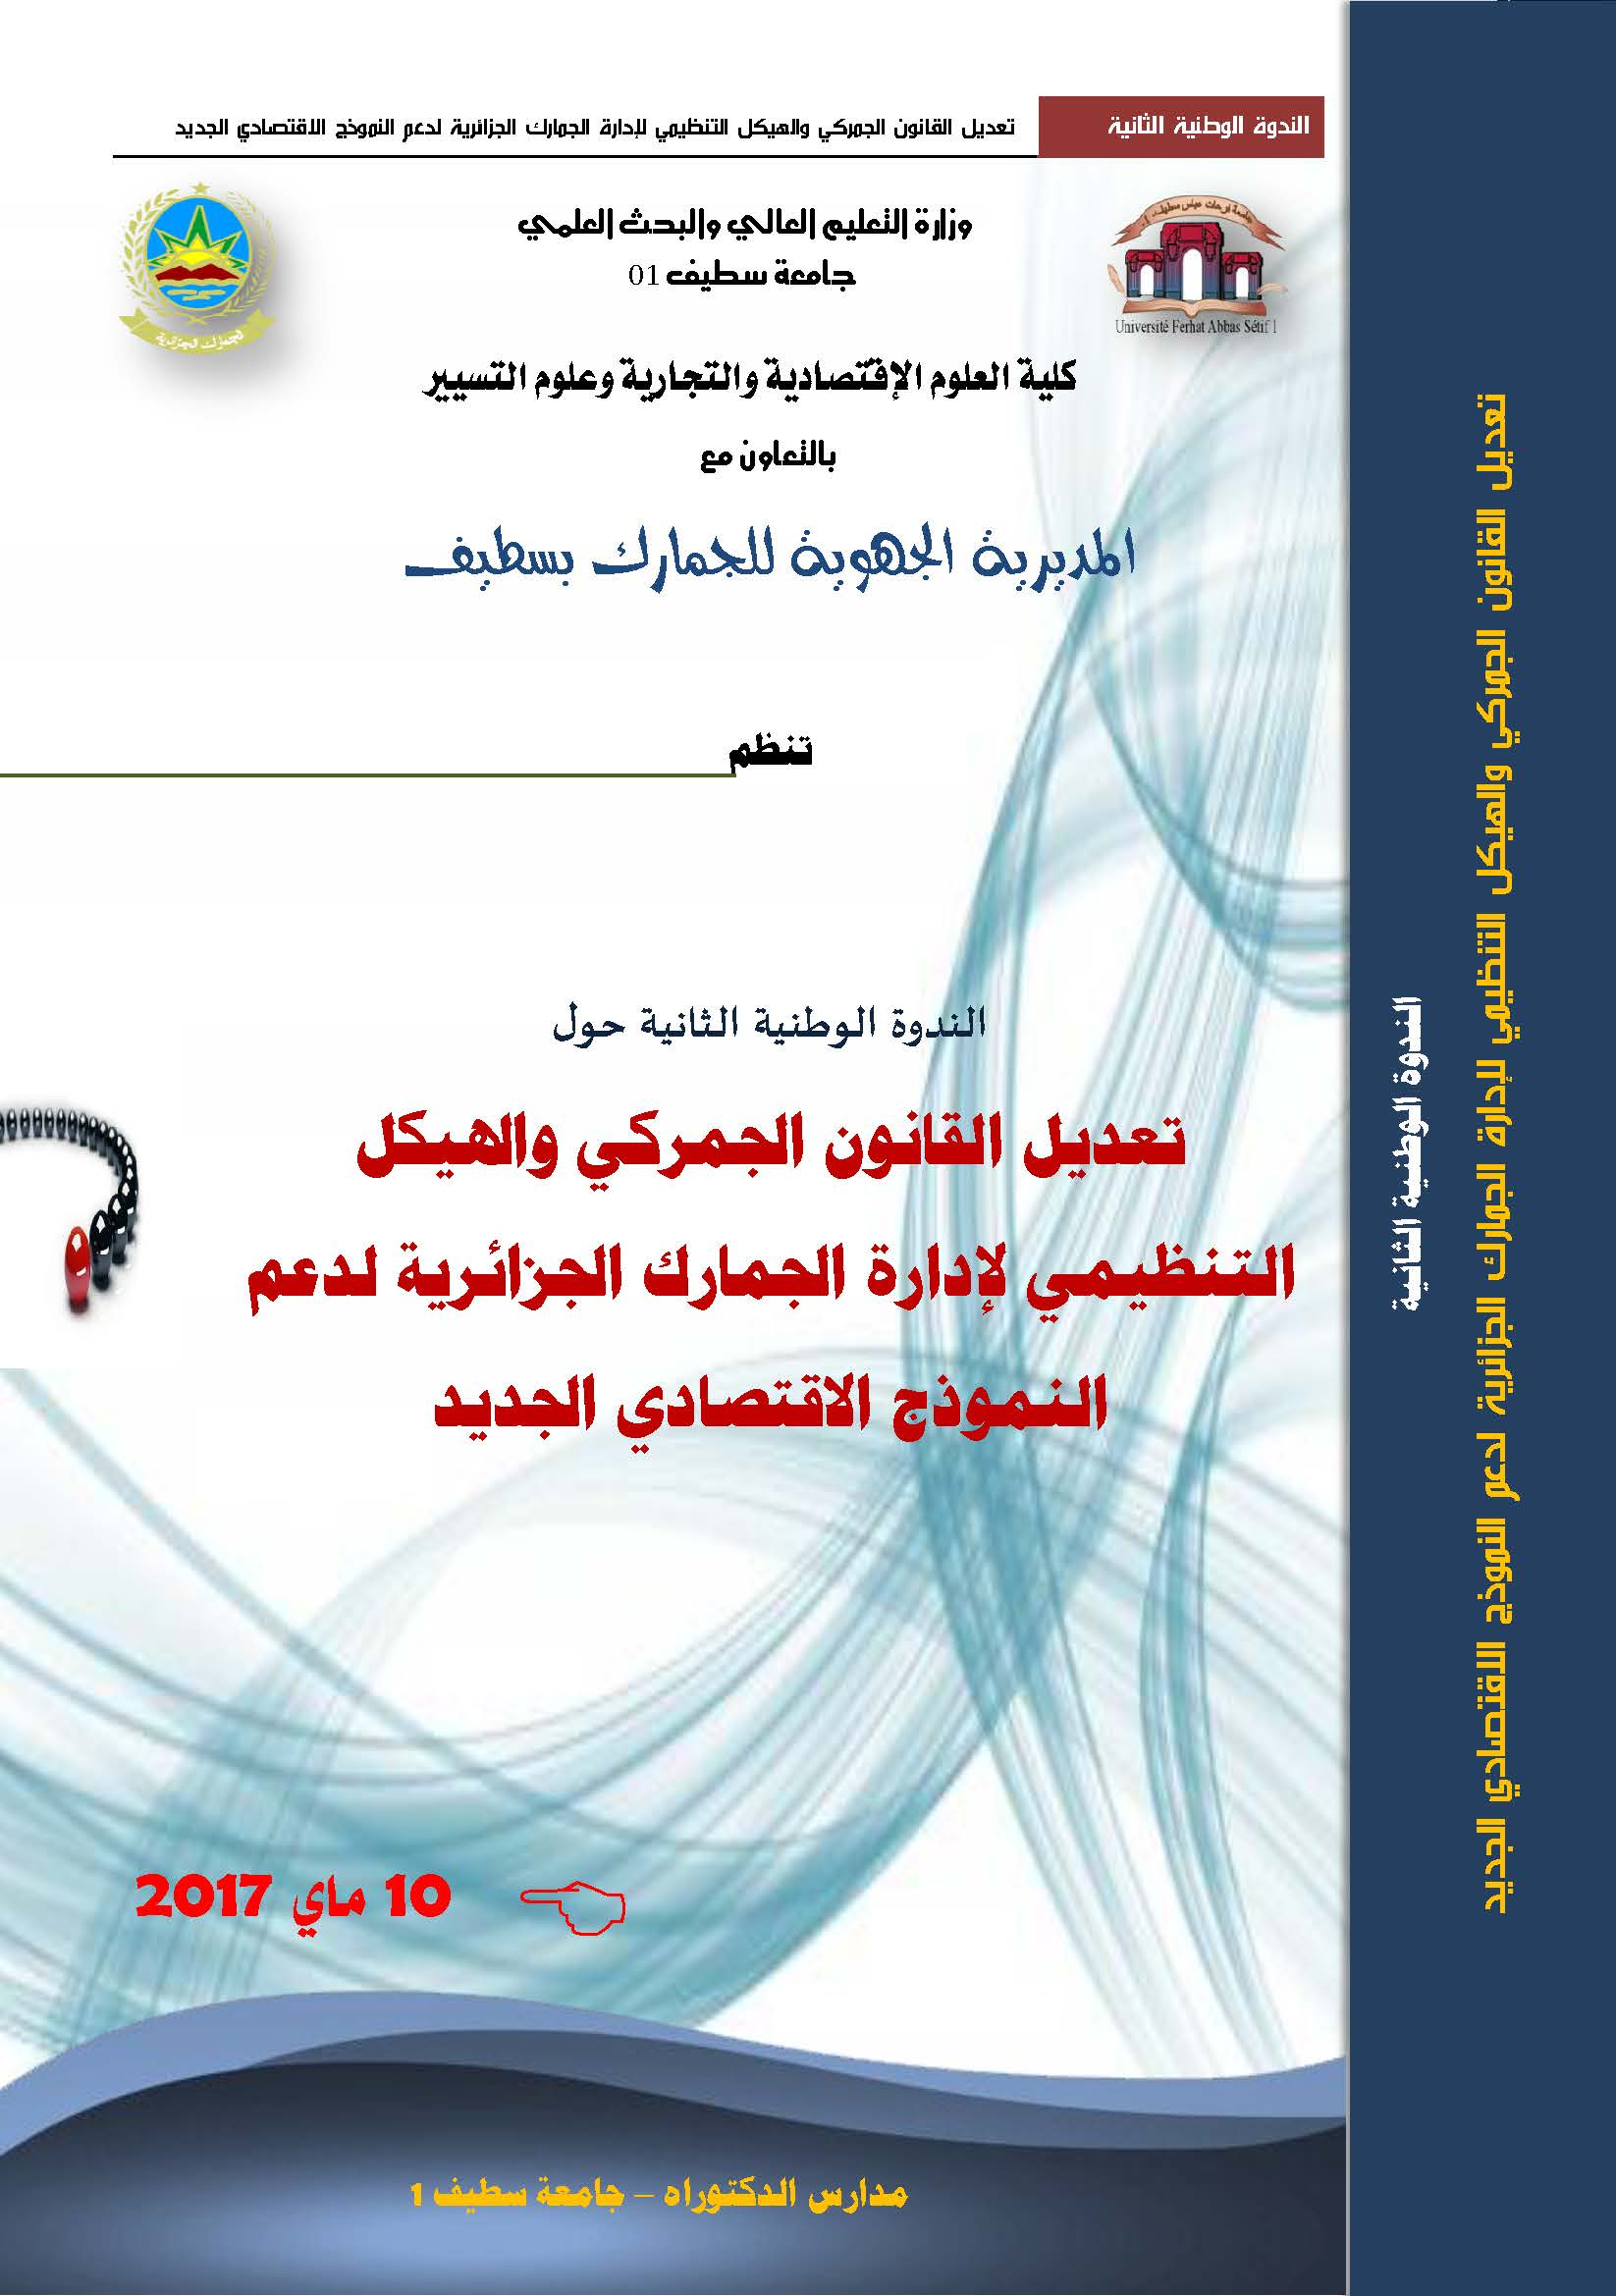 """الندوة الوطنية الثانية حول: """"تعديل القانون الجمركي و الهيكل التنظيمي لإدارة الجمارك الجزائرية لدعم النموذج الاقتصادي الجديد"""""""